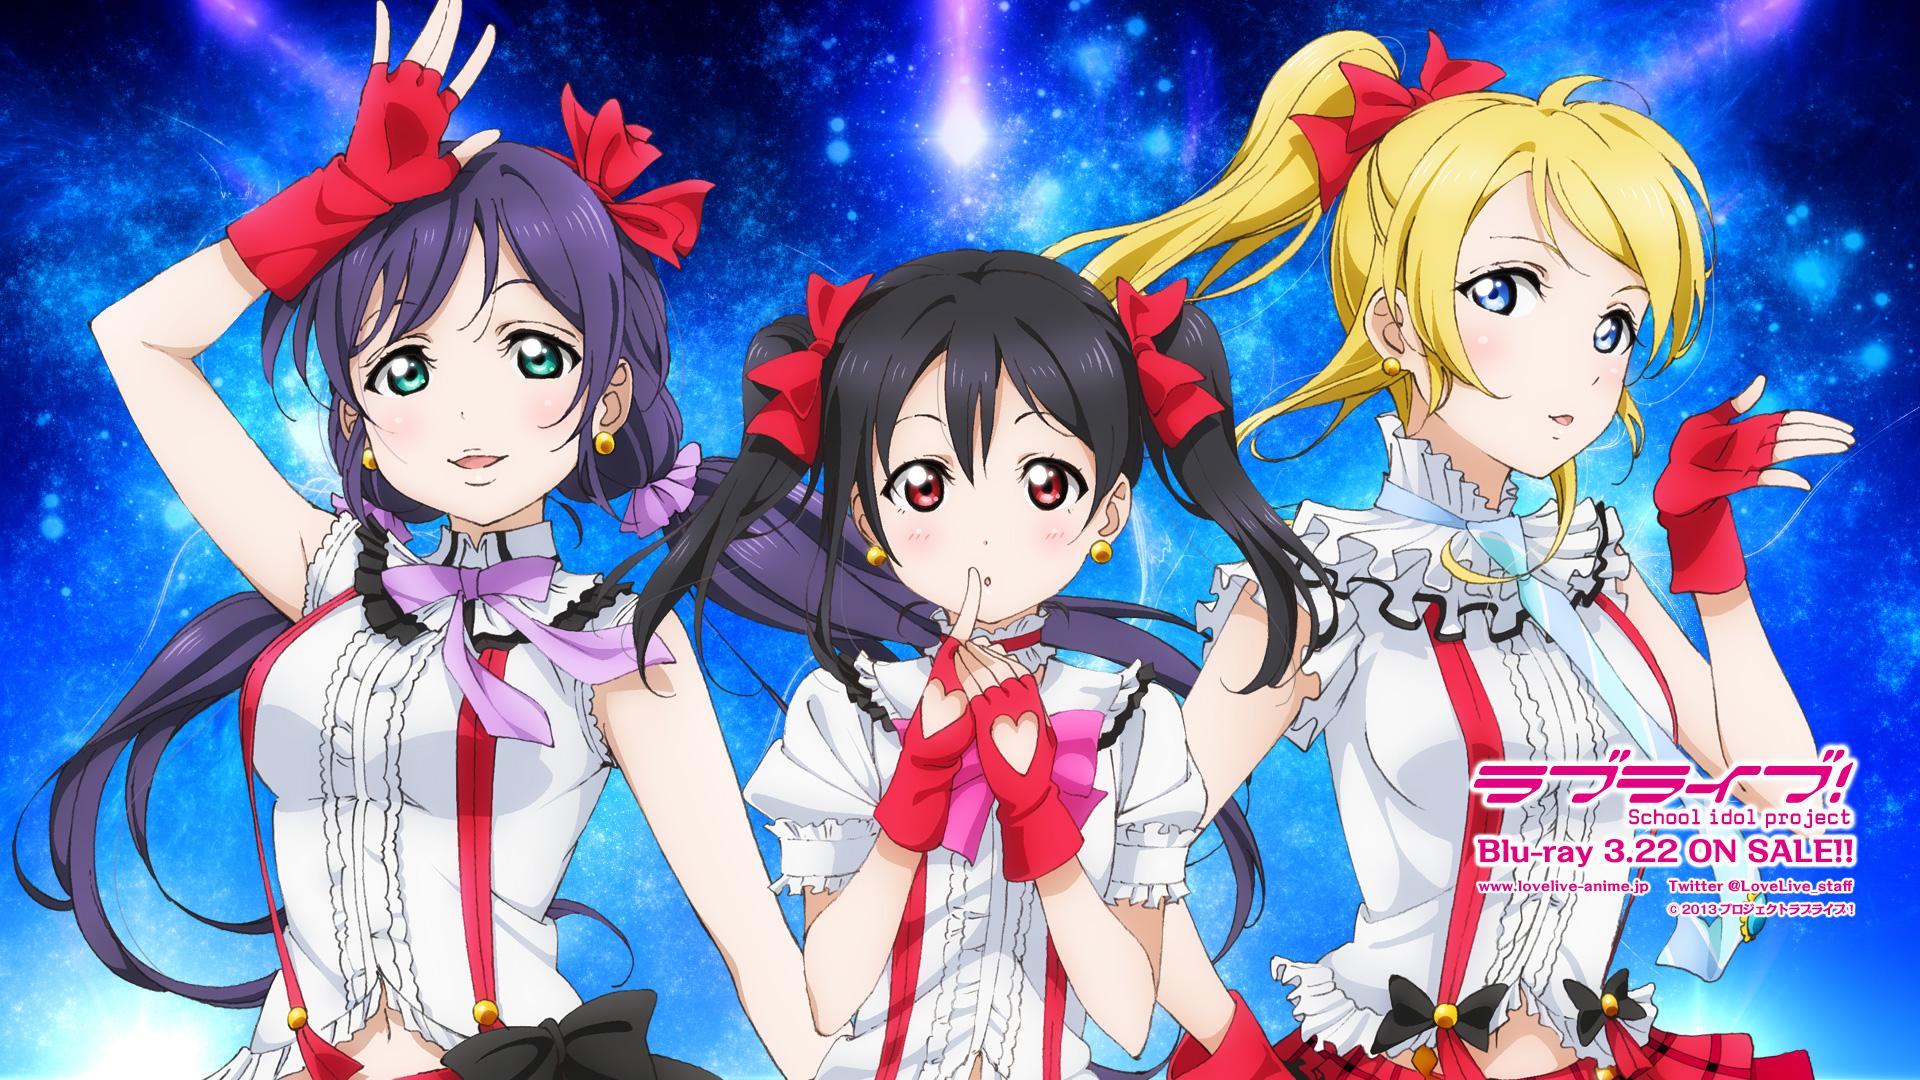 love live wallpaper hd  Love Live!, Wallpaper - Zerochan Anime Image Board